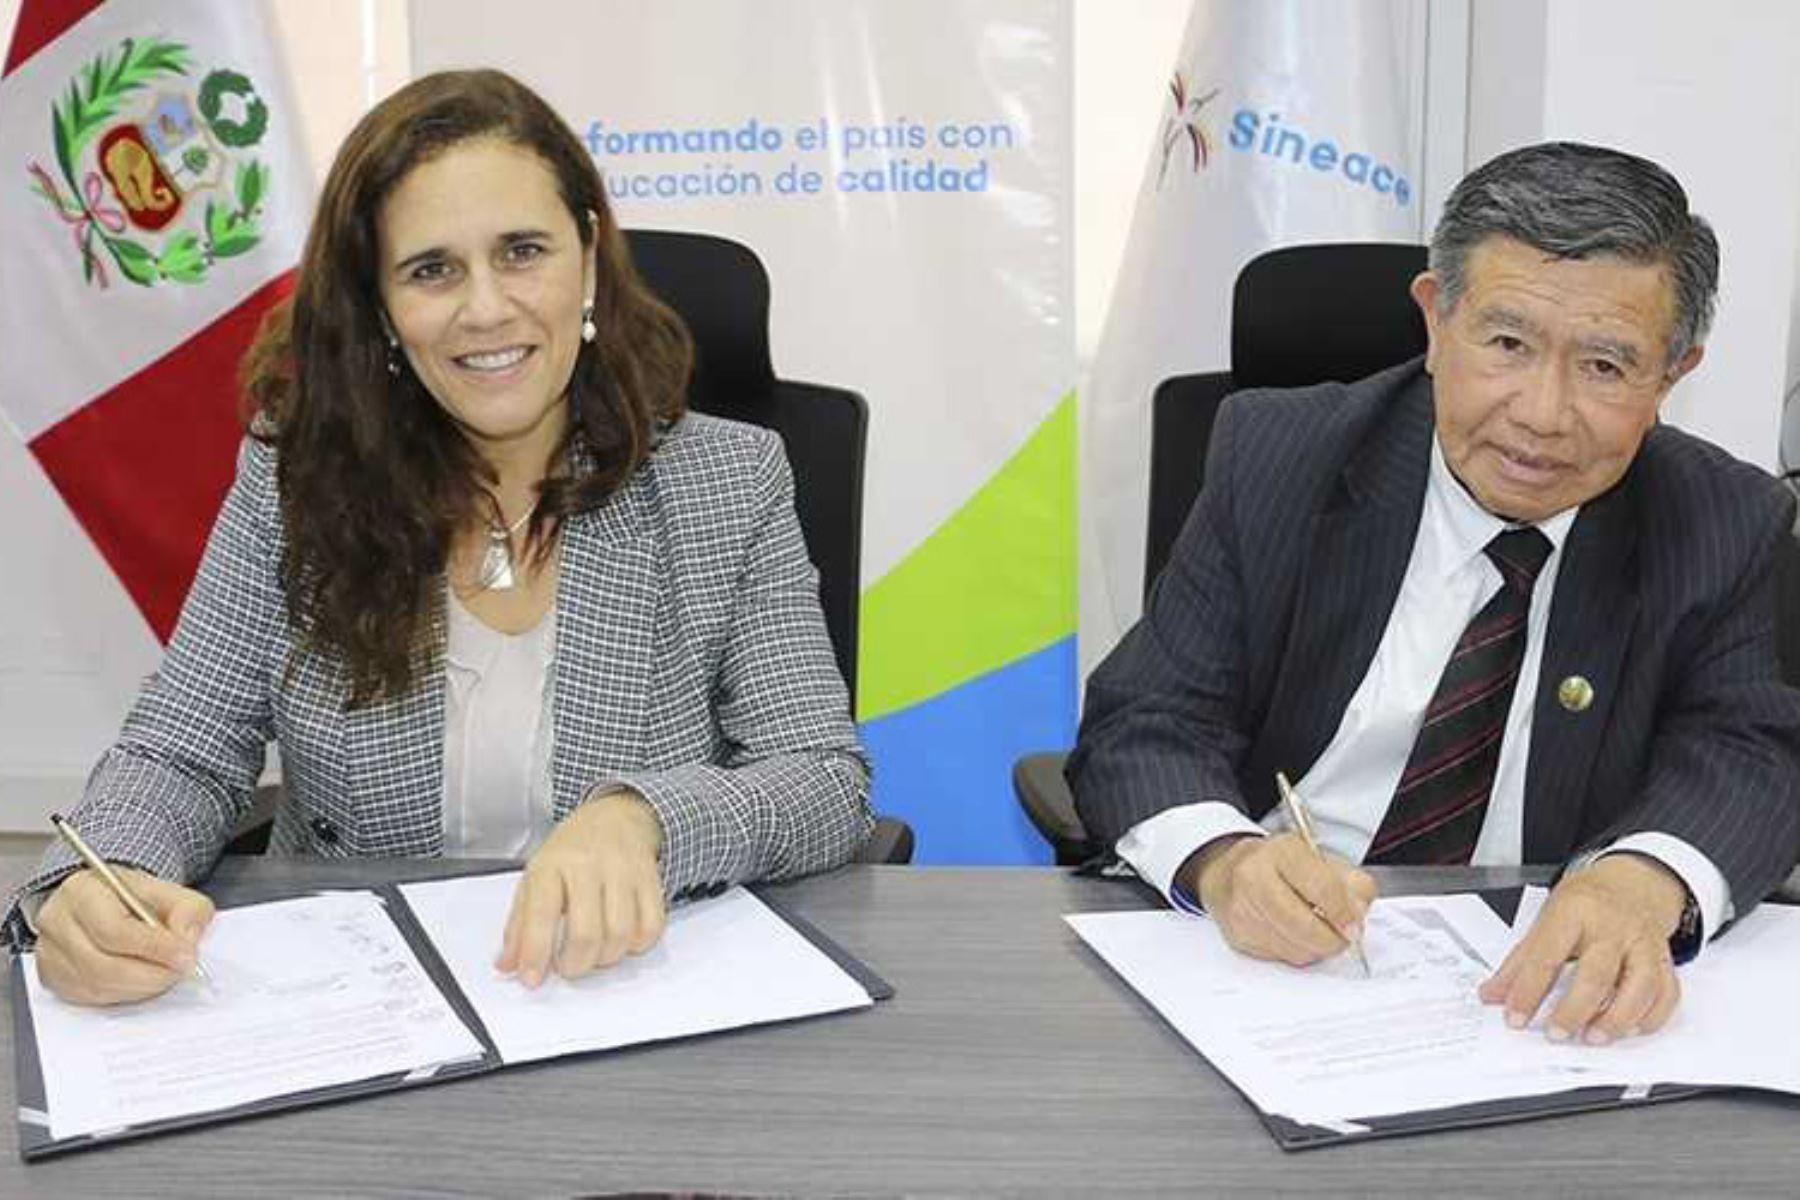 El Gobierno Regional de Lima también promoverá los procesos de evaluación para la acreditación de la calidad educativa y para la certificación de competencias, informó el Sistema Nacional de Evaluación, Acreditación y Certificación de la Calidad Educativa (Sineace).